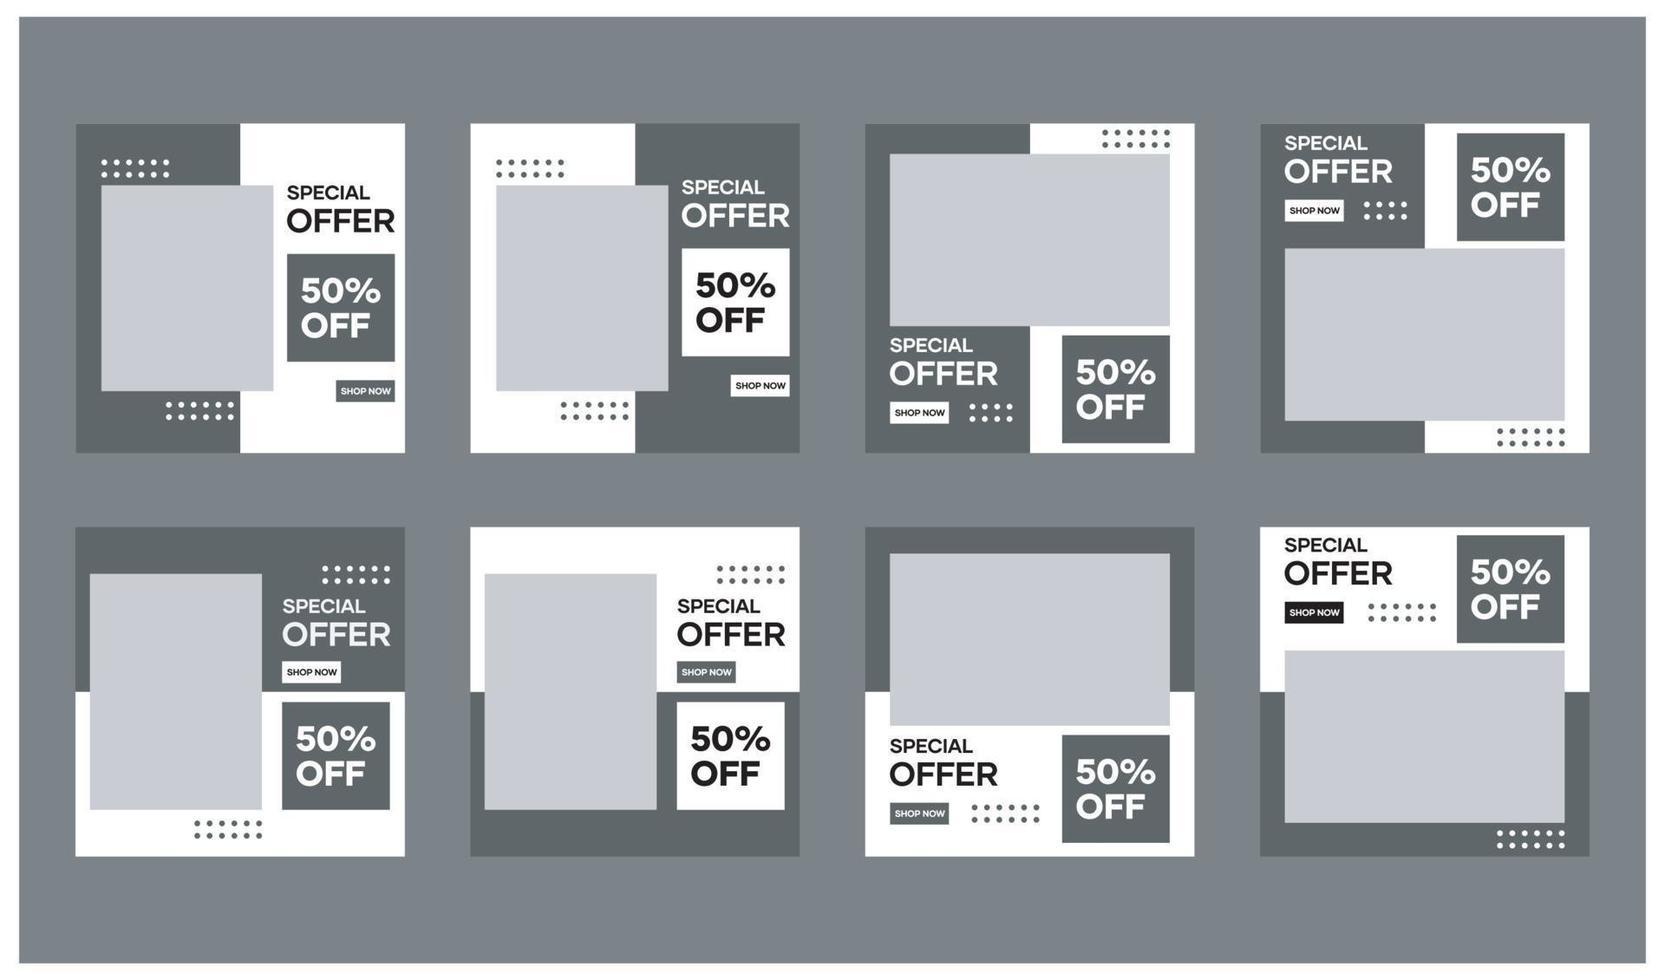 samling av mallar för sociala medier. med en svartvit bakgrund. lämplig för banner, sociala medier och webbplatsannonsering vektor